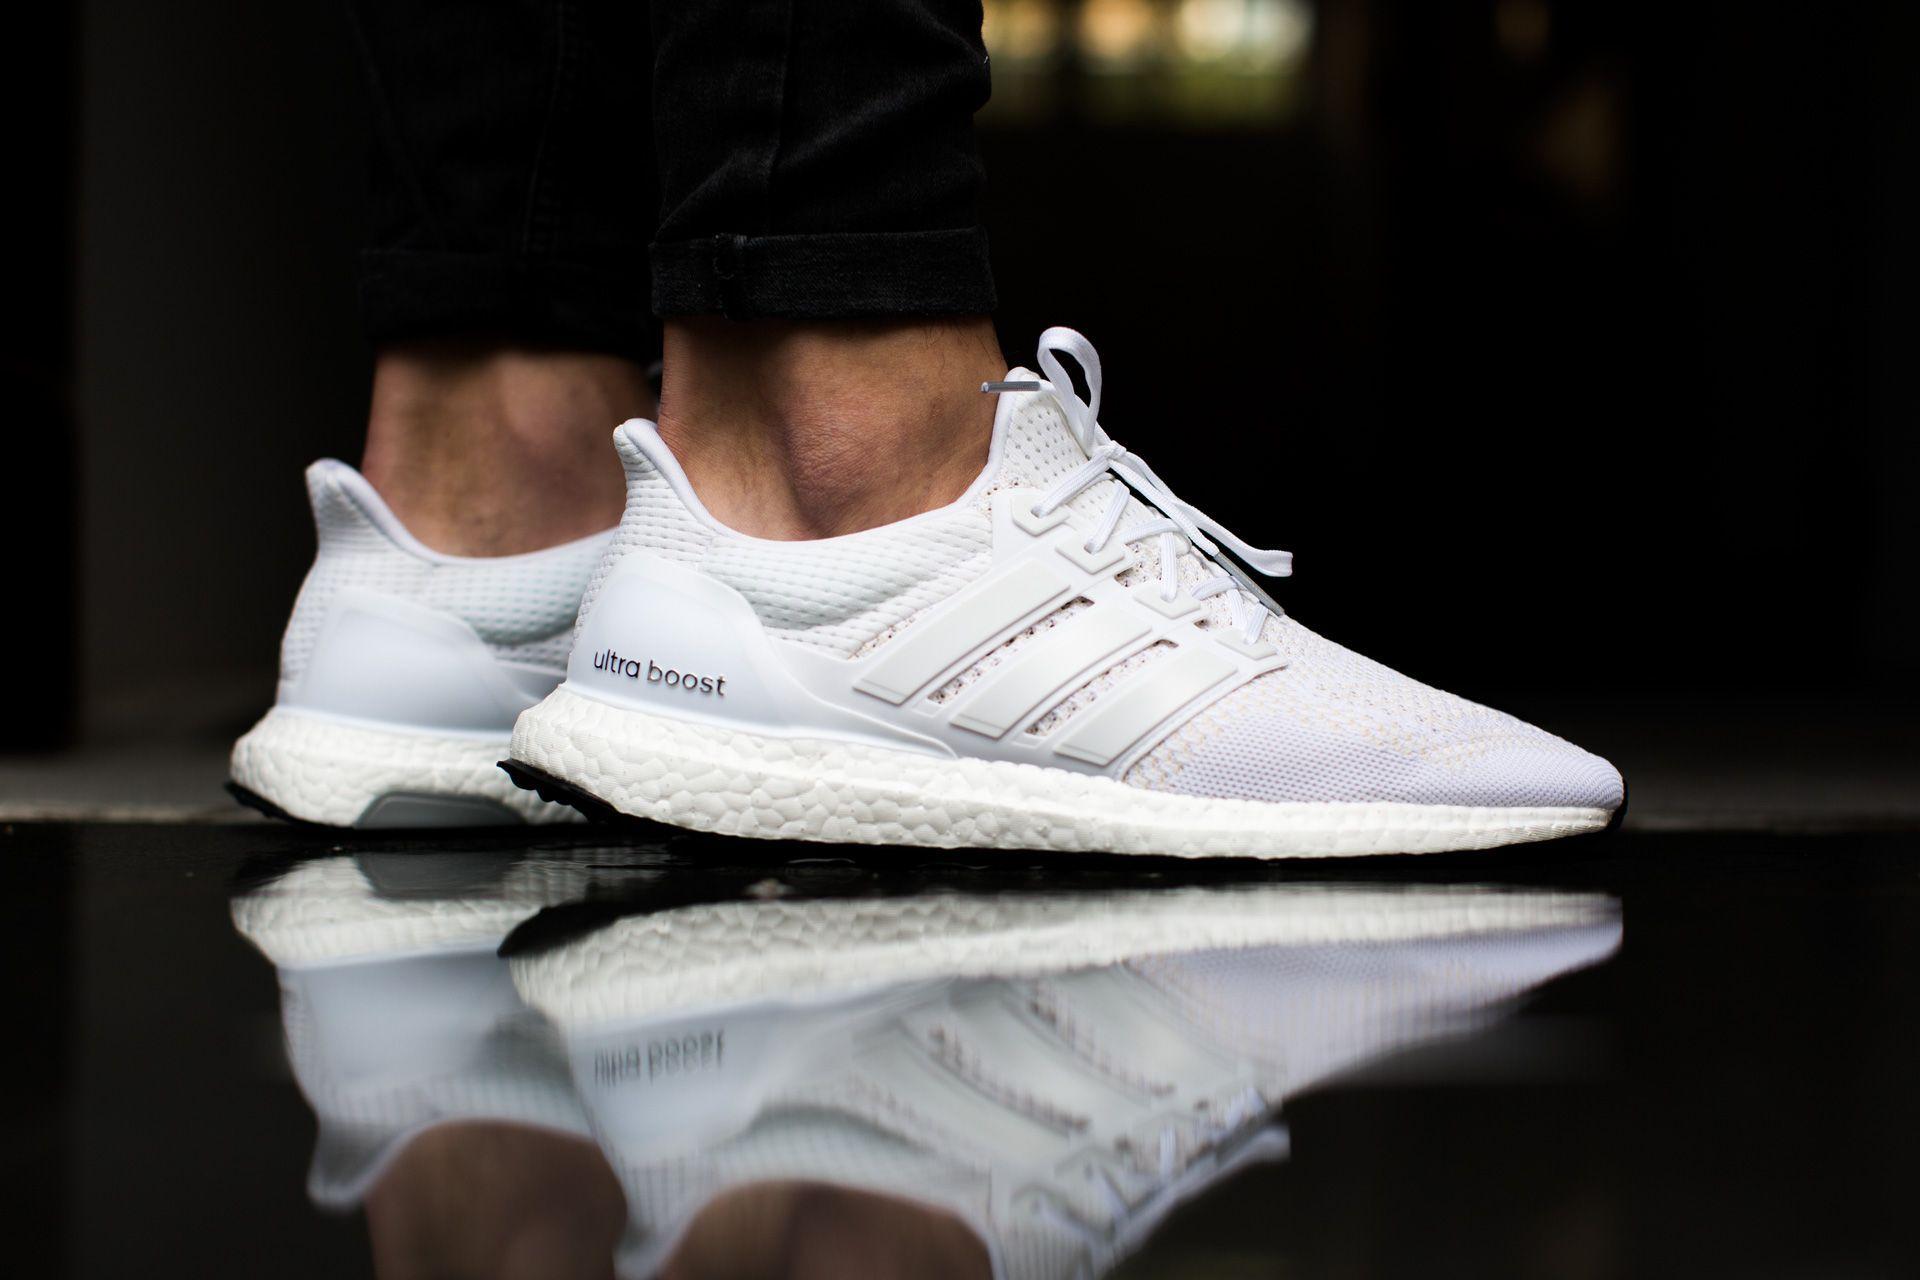 oficjalny sklep sklep w Wielkiej Brytanii 2018 buty adidas ultra boost www.tint-footwear... adidas ultra boost ...